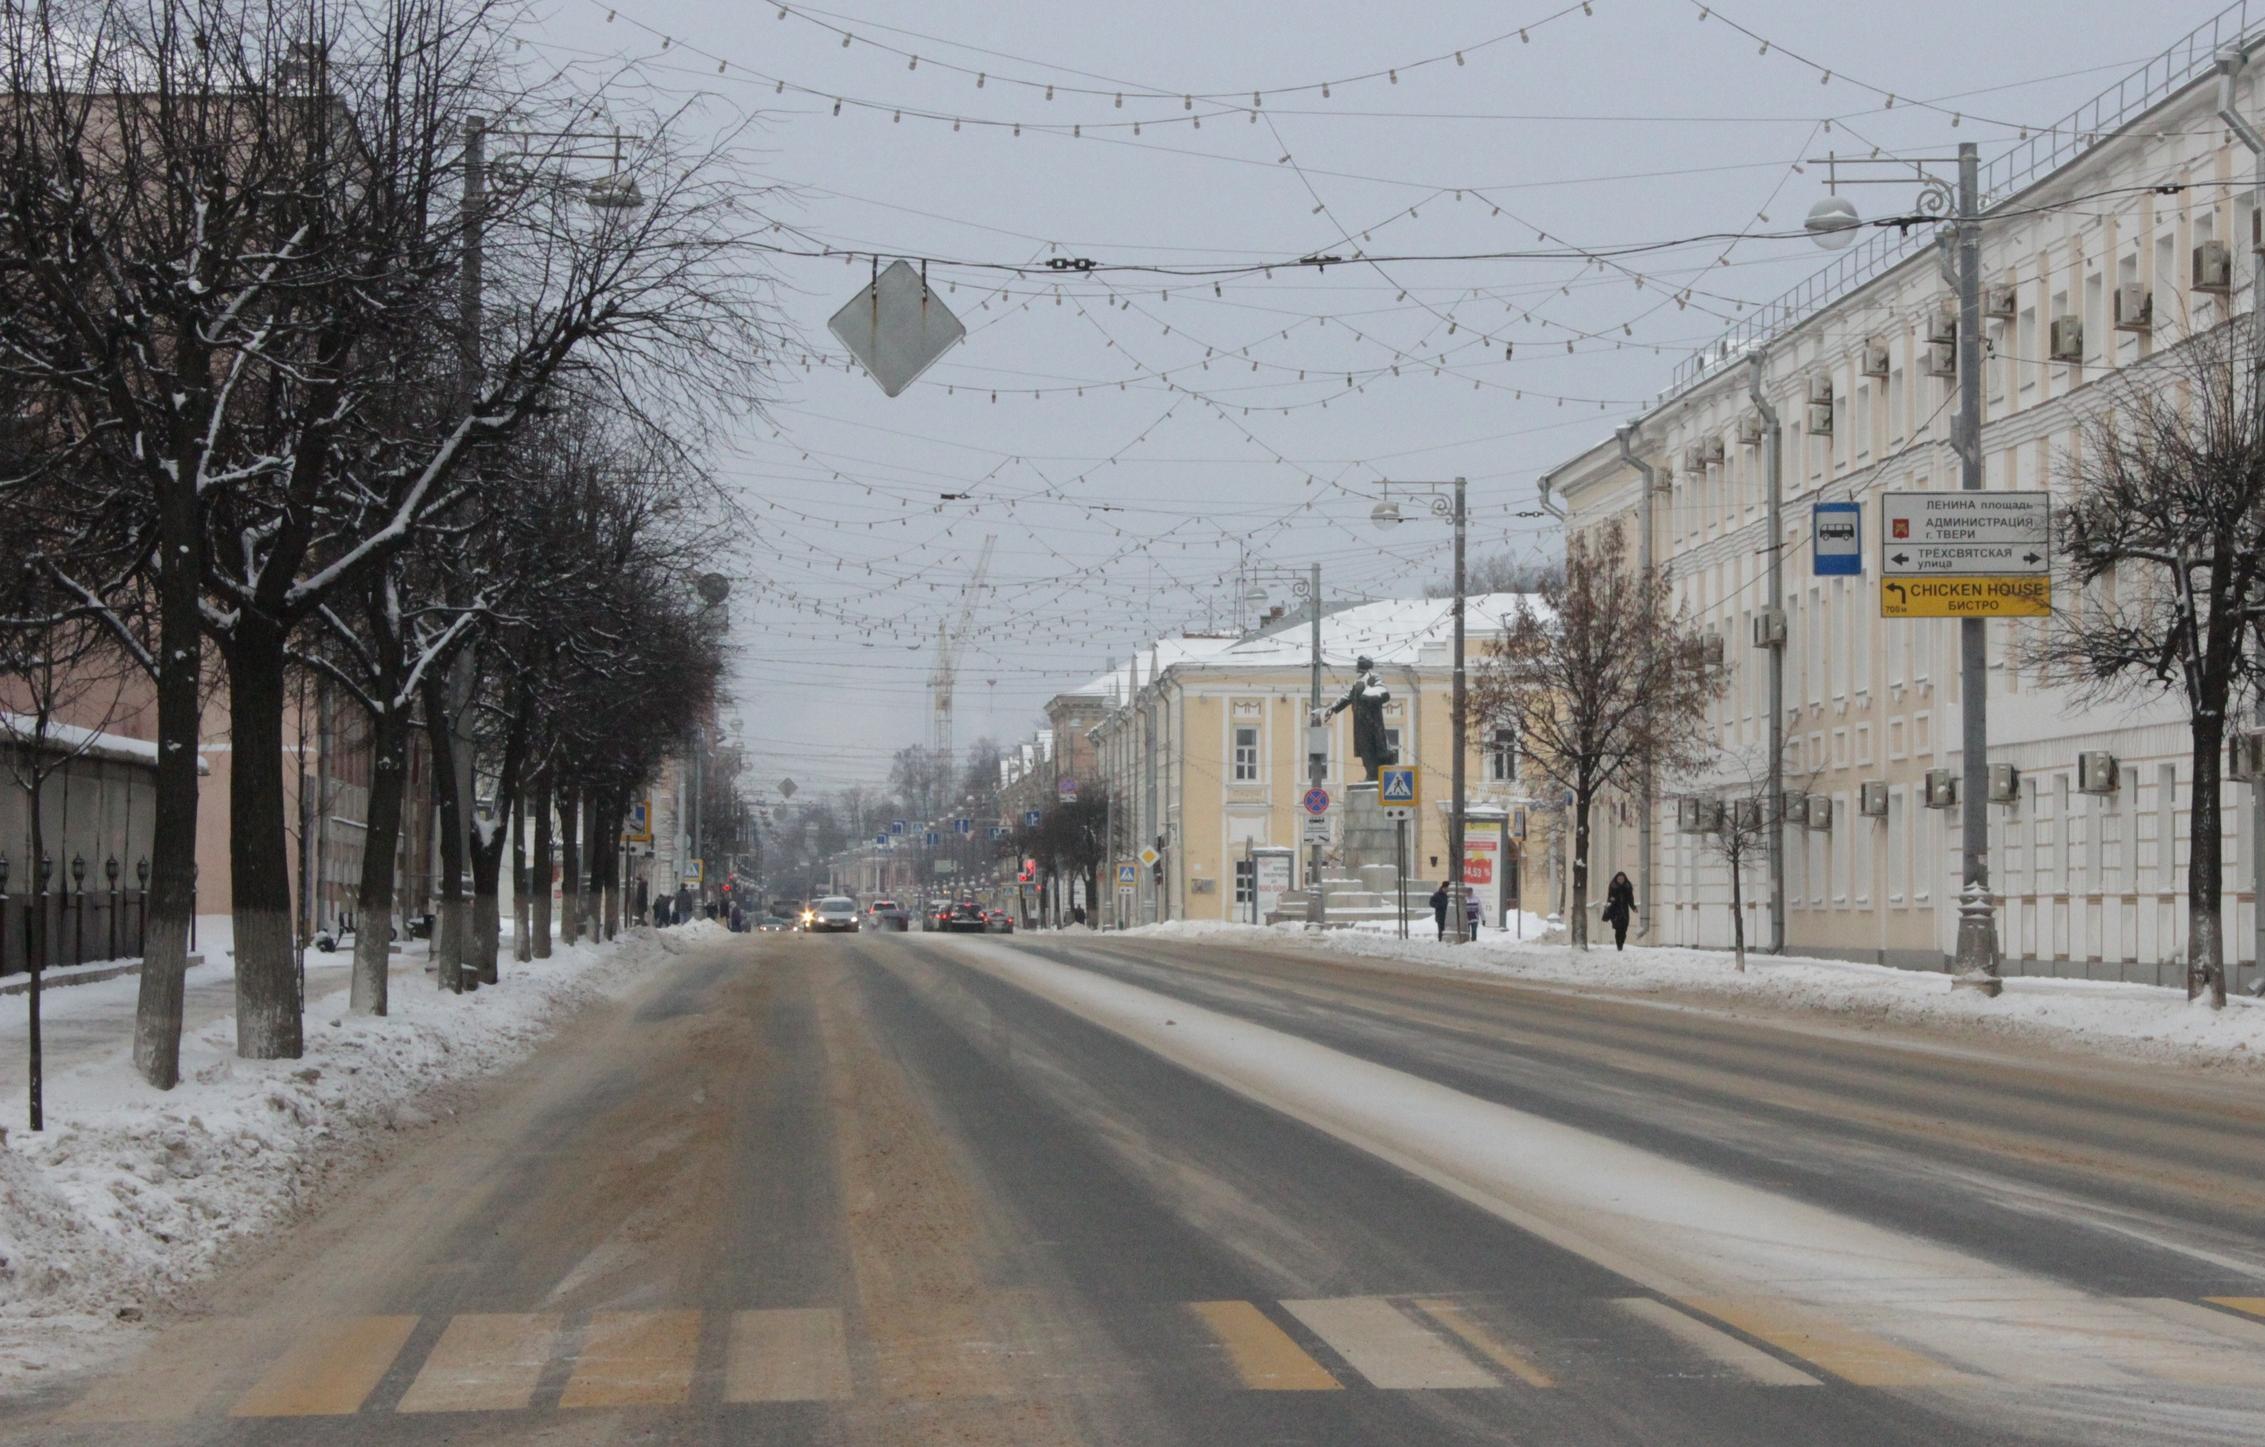 МУП «ЖЭК» начал поиск субподрядчиков для погрузки и вывоза снега с улиц Твери - новости Афанасий